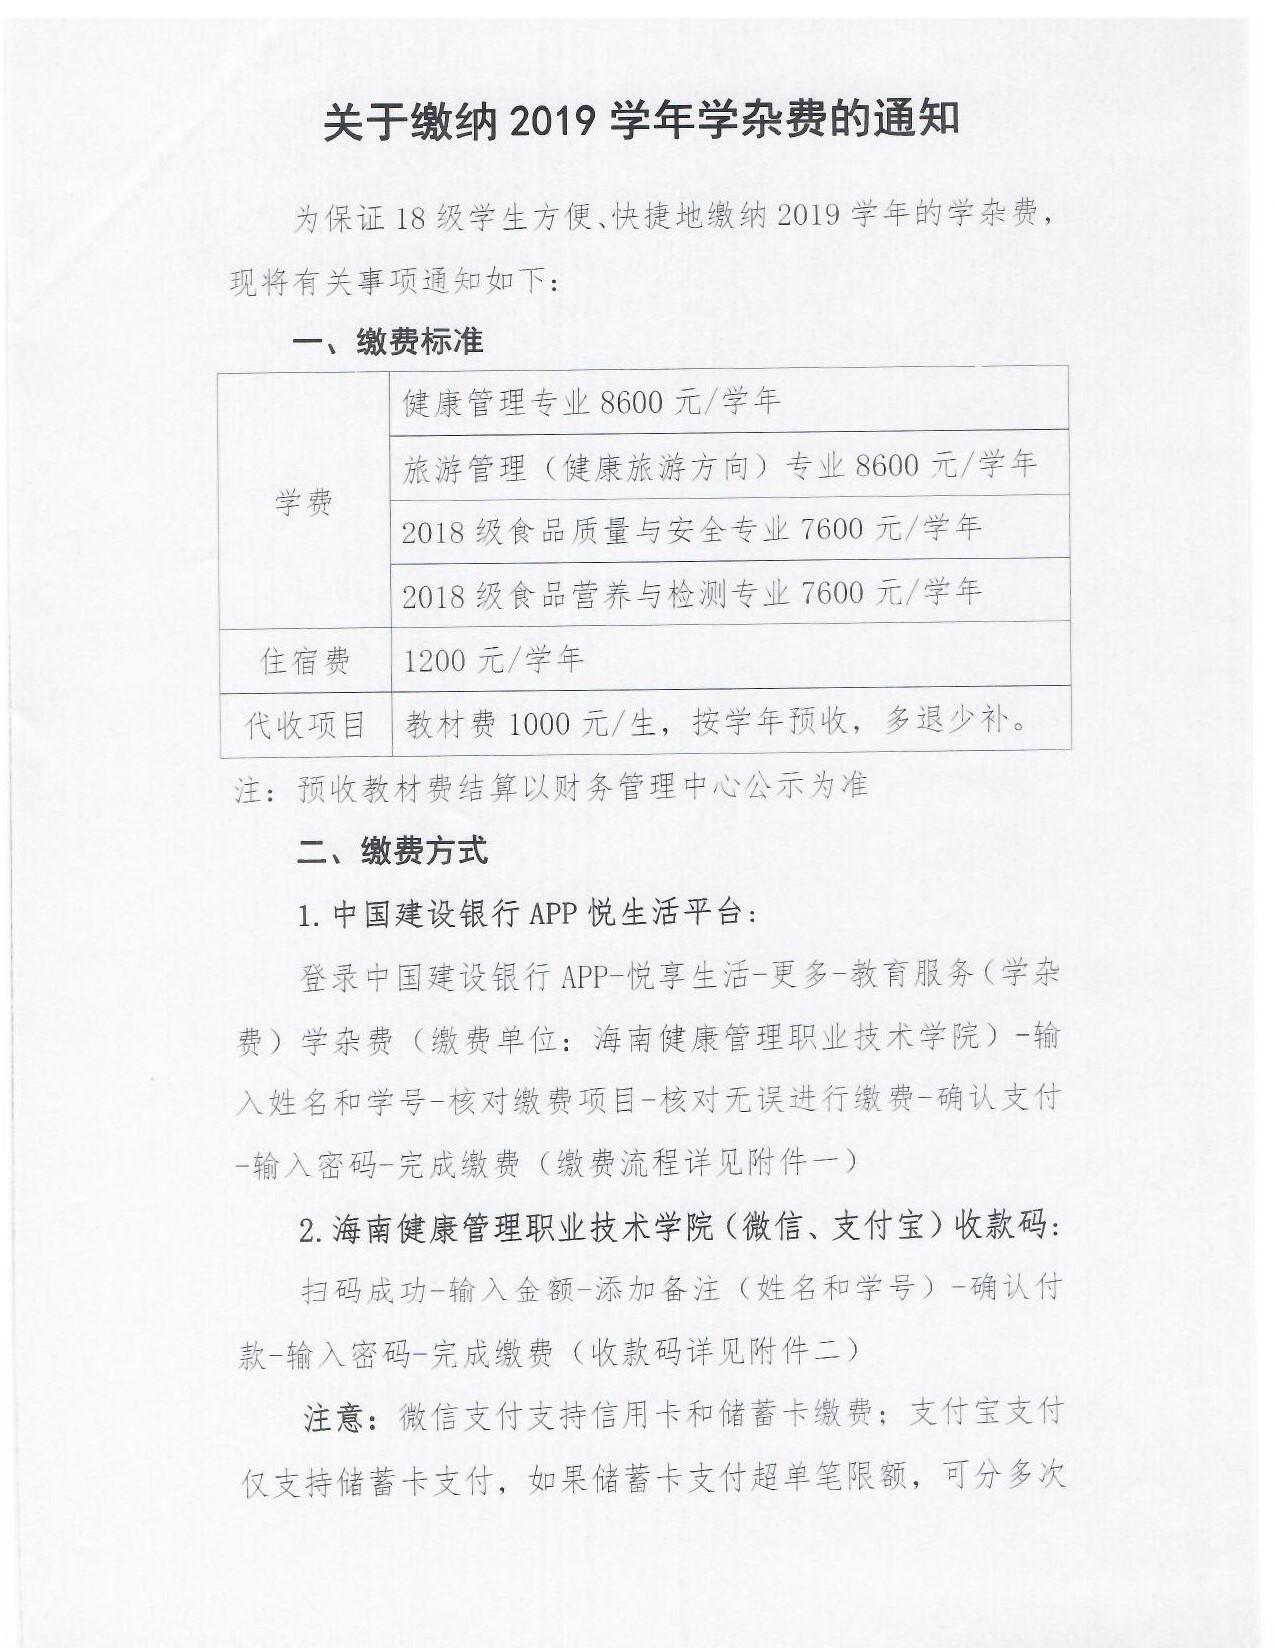 关于缴纳2019学年学杂费�t衣女子低�一�@的通知 (2).jpg